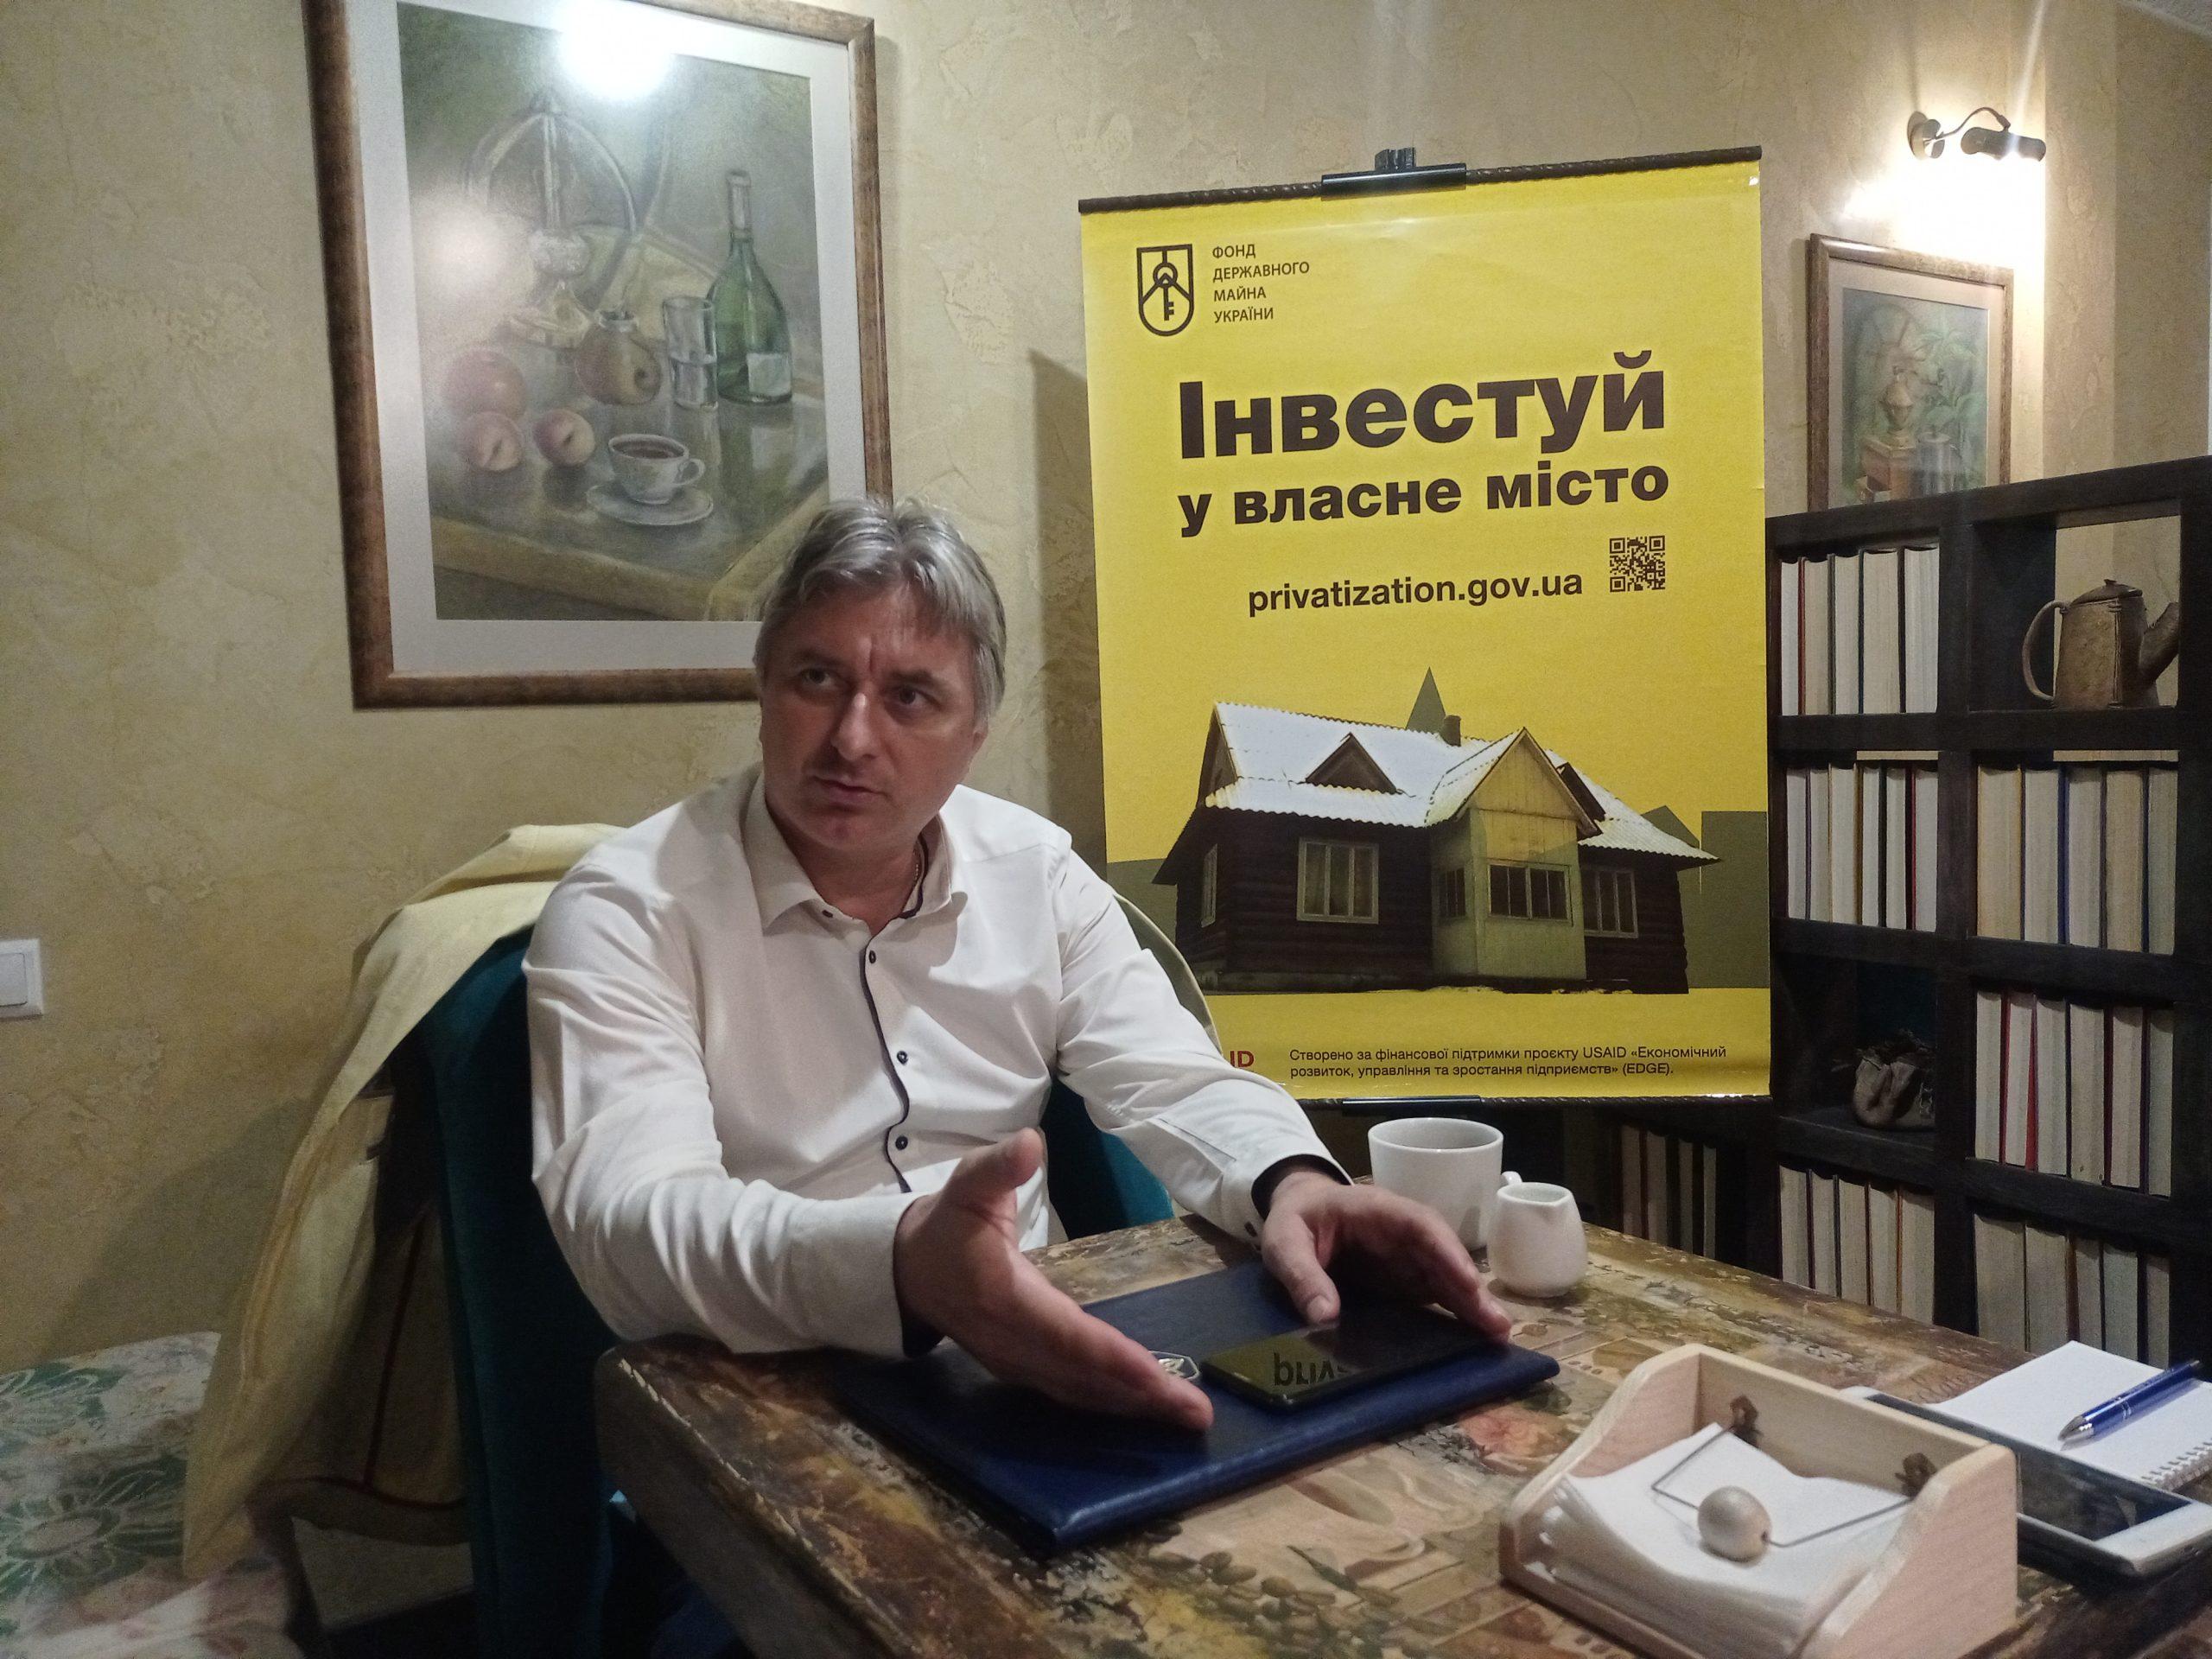 На Черкащині планують приватизувати об'єкти спиртової галузі